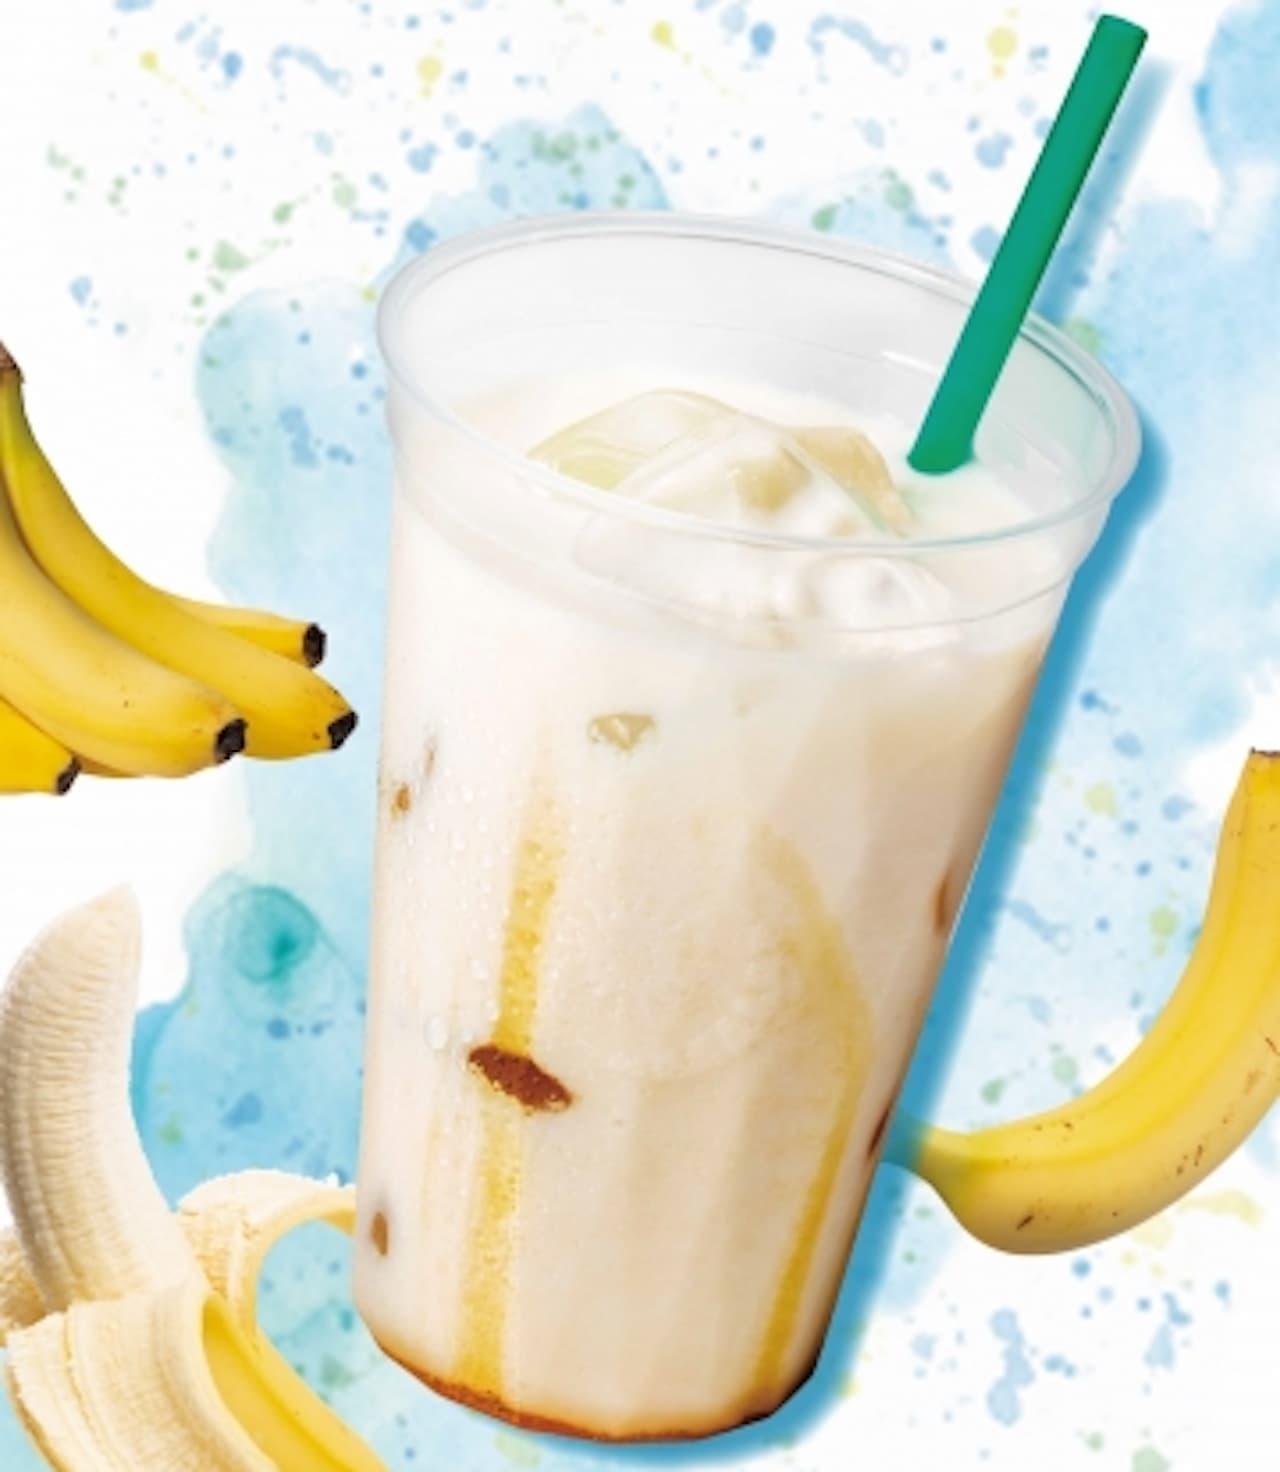 プロント「生はちみつのバナナミルク」